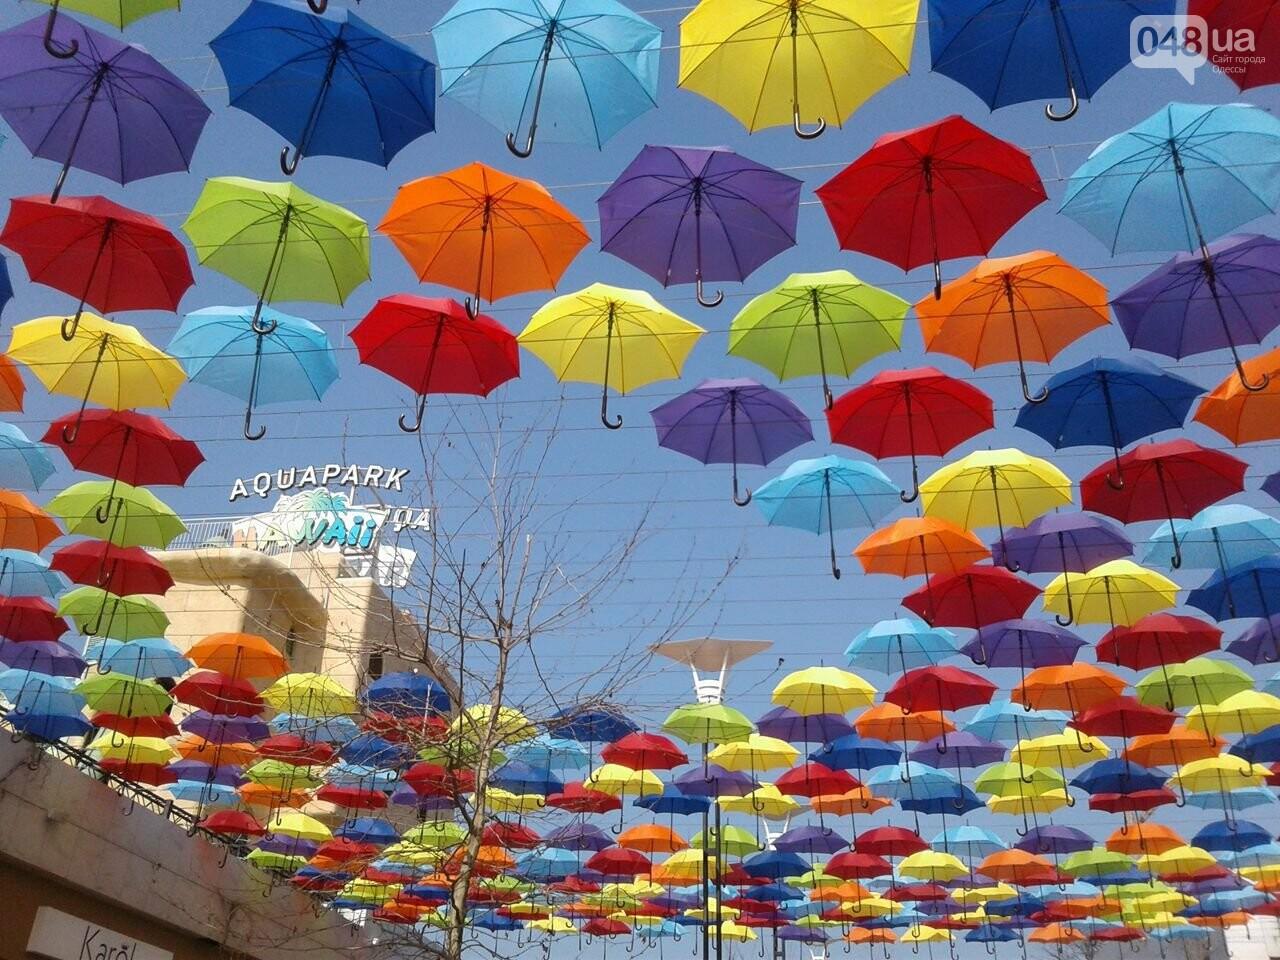 Одесскую Аркадию украсили разноцветные зонты: приходи фотографироваться (ФОТО), фото-8